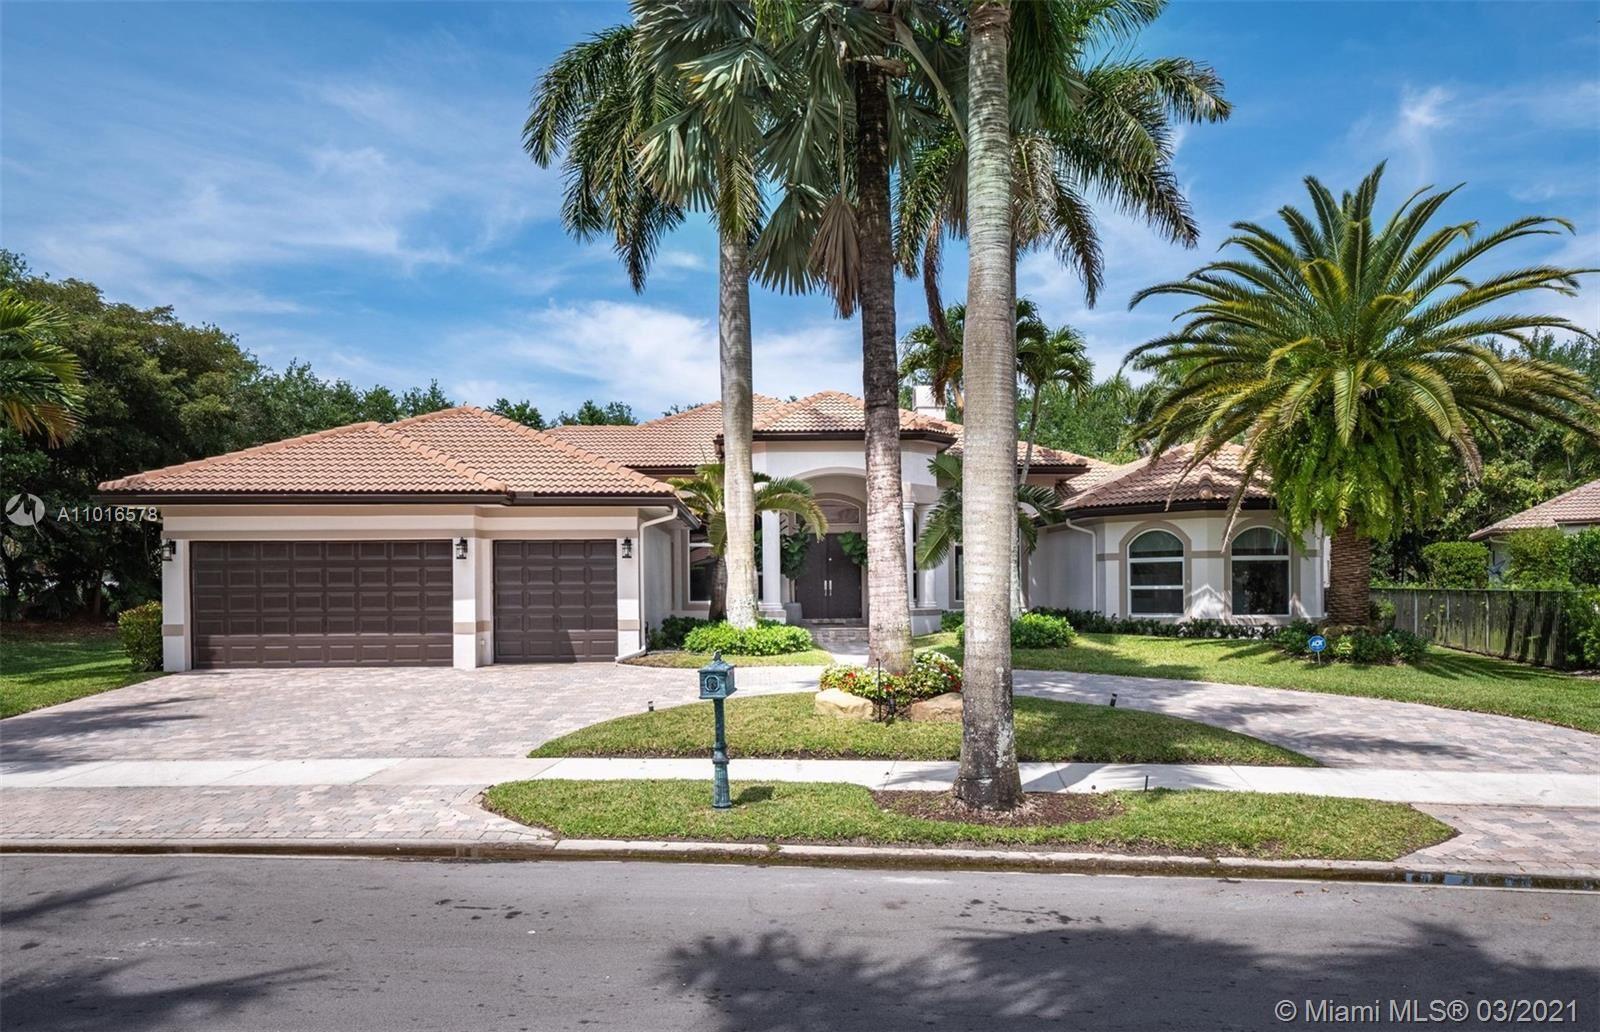 2551 Sanctuary Dr, Weston, FL 33327 - #: A11016578